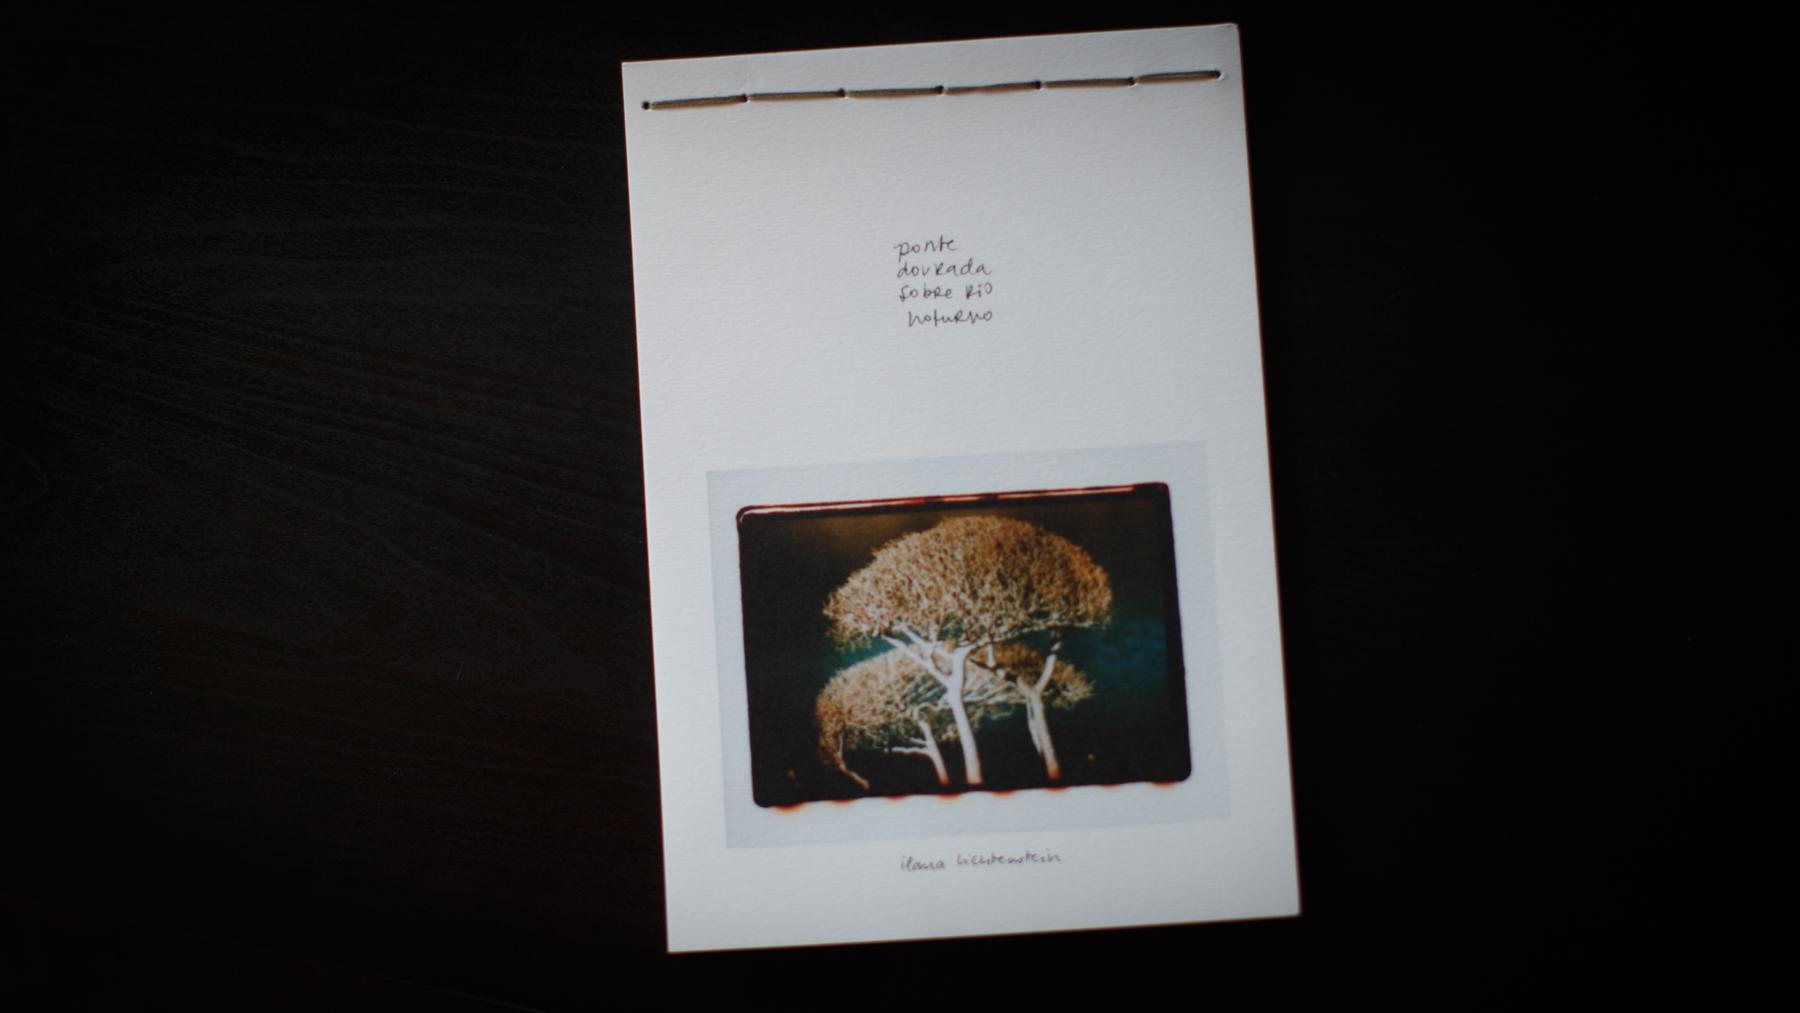 livro_ponte_dourada_sobre_rio_noturno-7.jpg